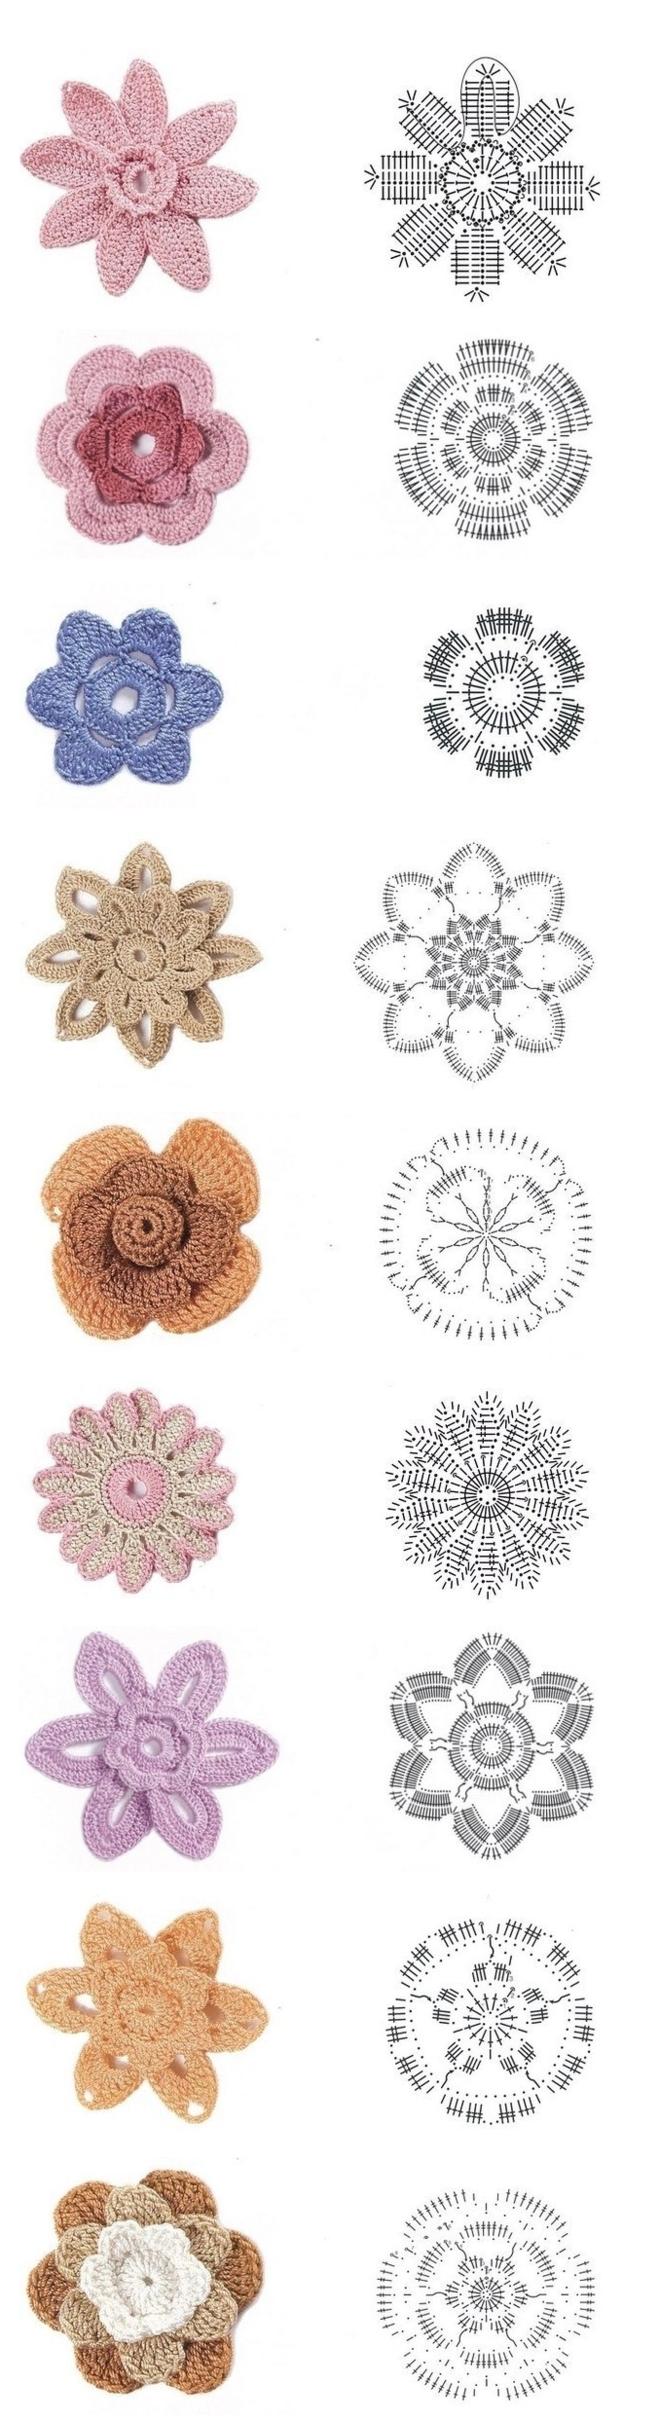 Pinterest Crochetcircularedgepatterndiagram